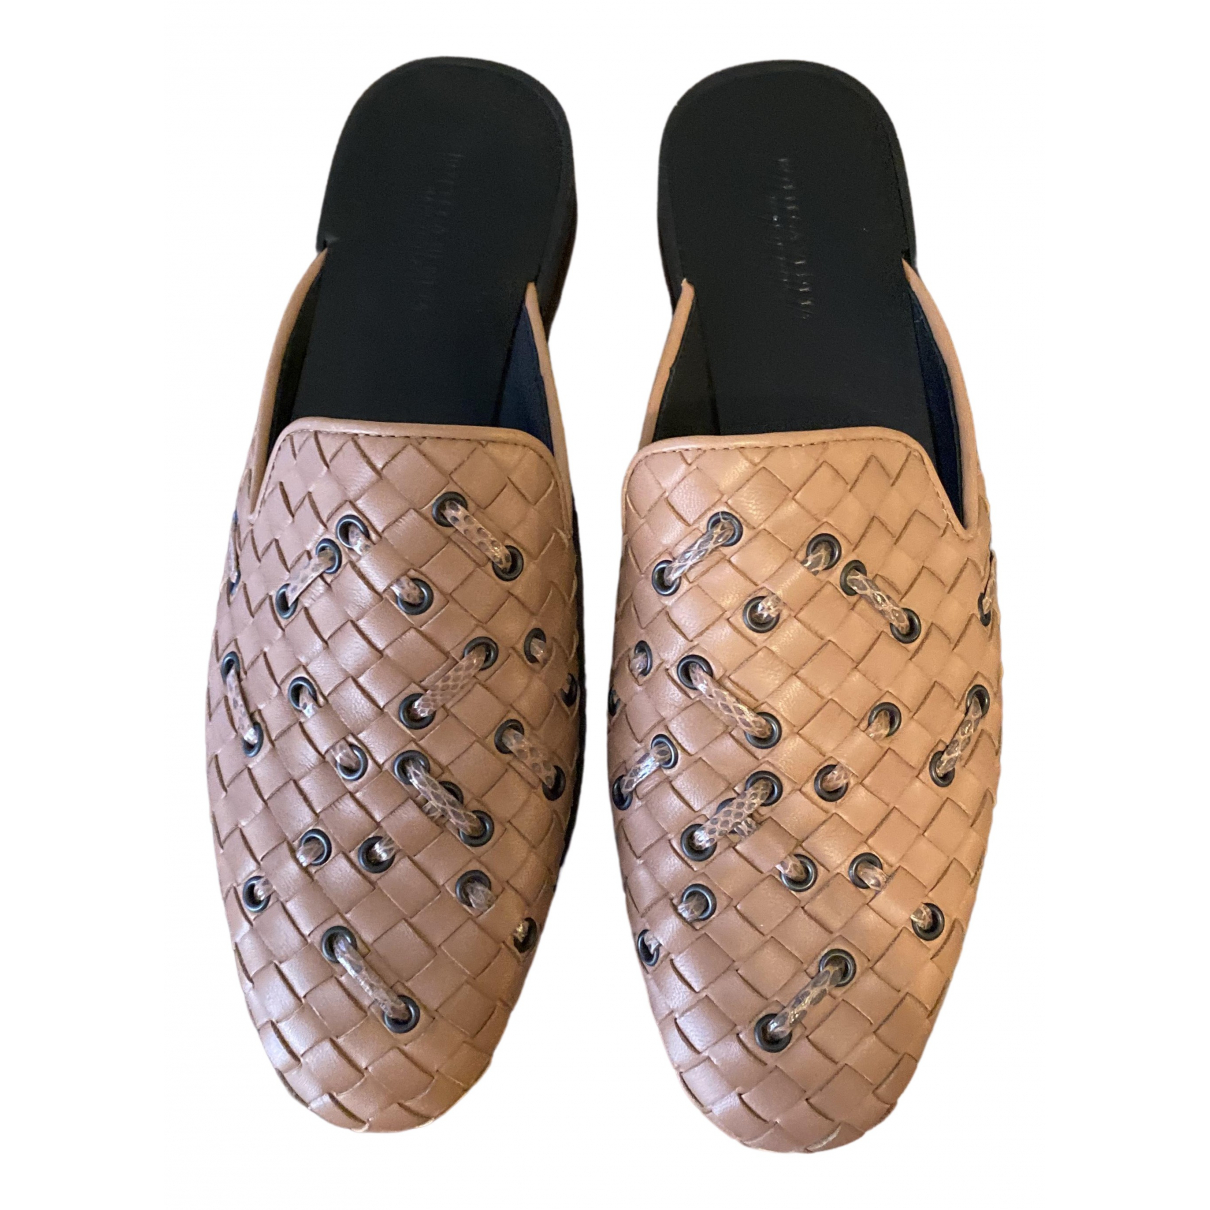 Bottega Veneta \N Beige Leather Flats for Women 37 EU